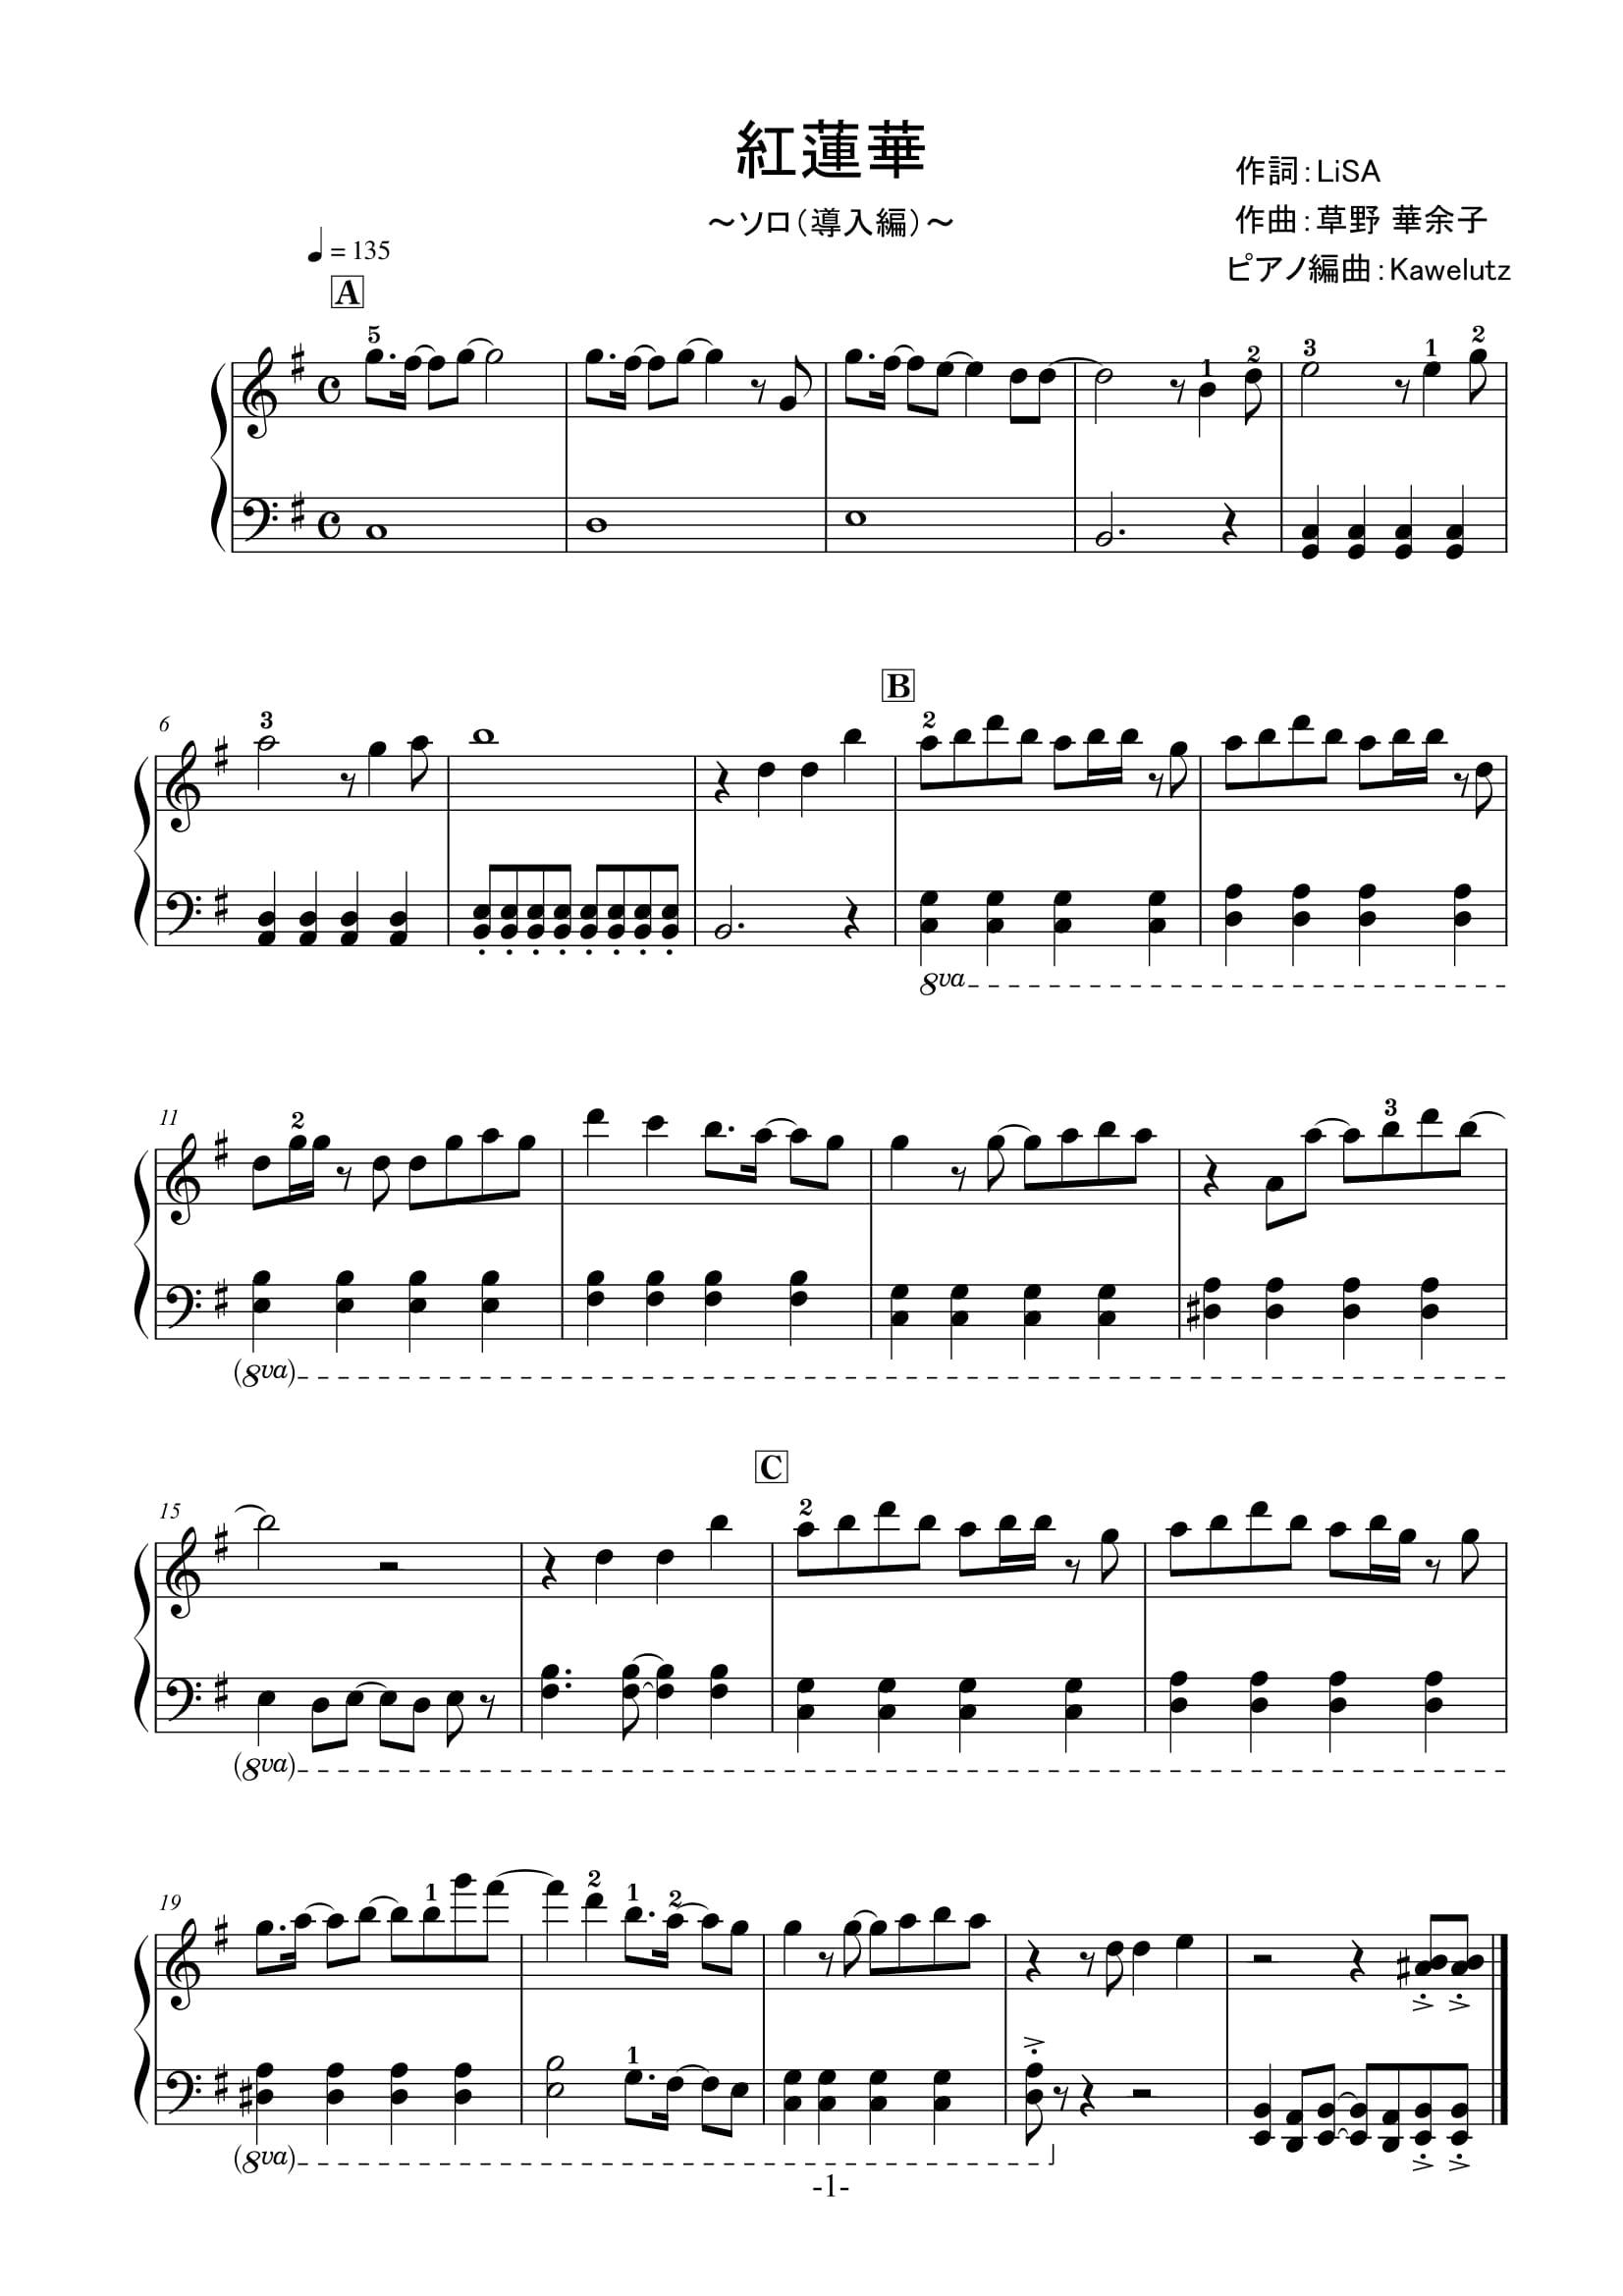 紅蓮華 楽譜 無料